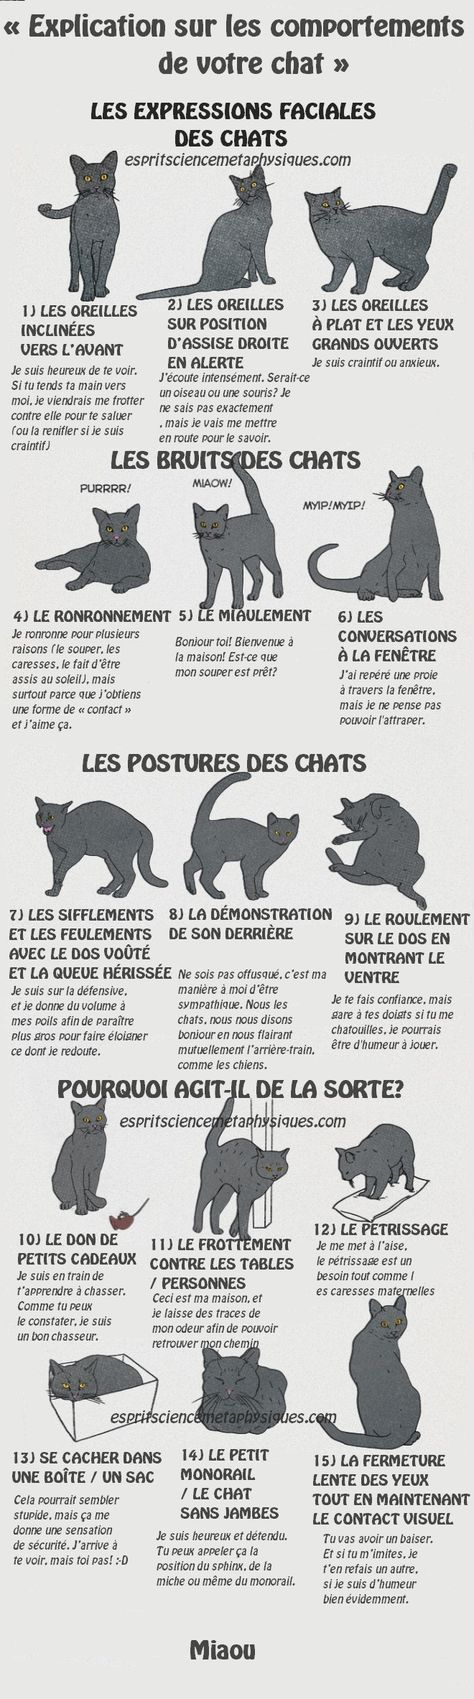 Comment comprendre ce que votre chat essaie de dire « Explication sur les comportements de votre chat »Les humains ont vraiment de la chance. Nous avons la